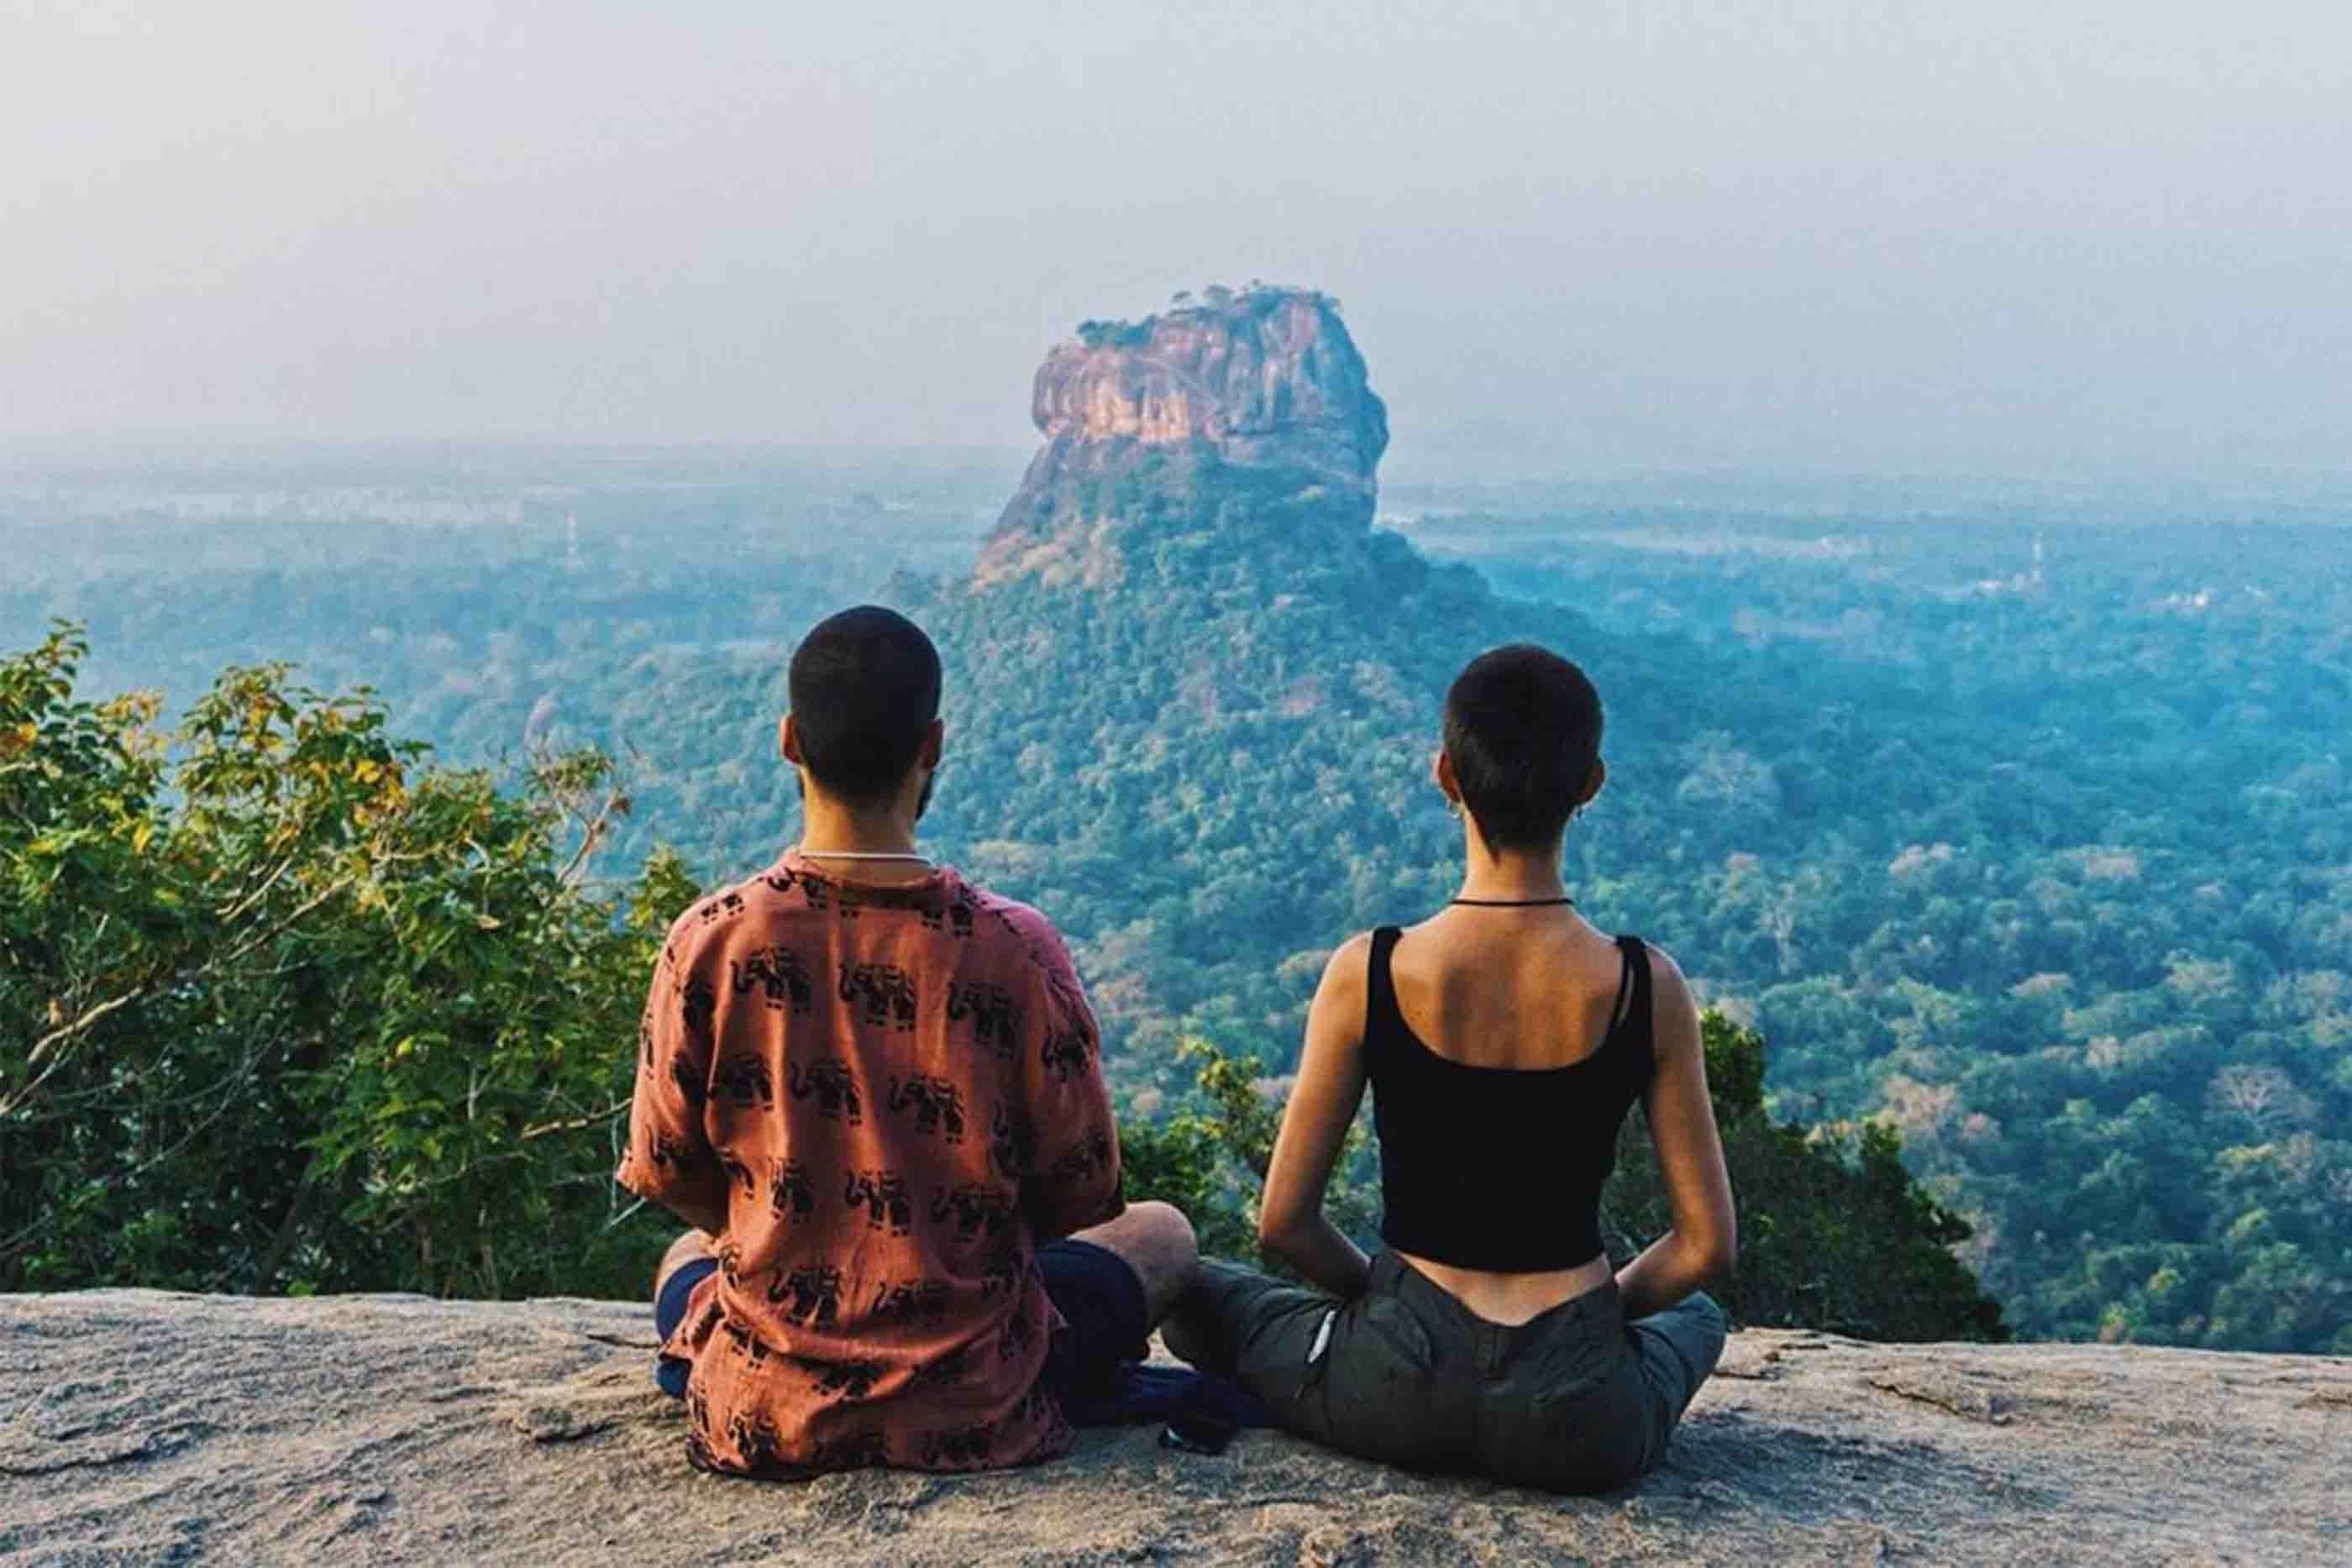 Rapaz e rapariga sentados de costas no topo de montanha com vista verdejante